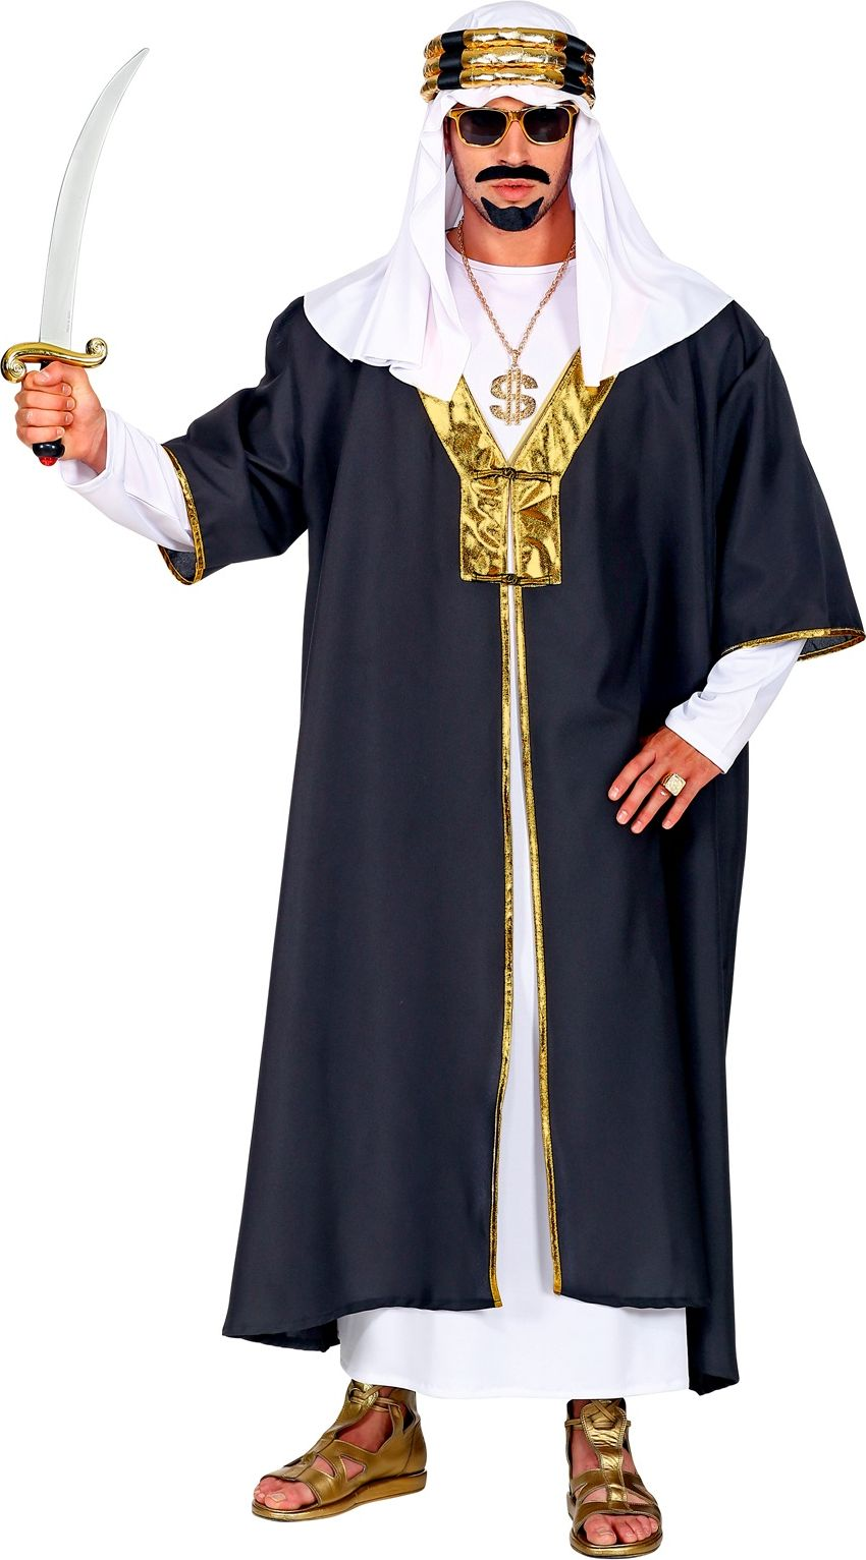 Rijke Sjeik outfit